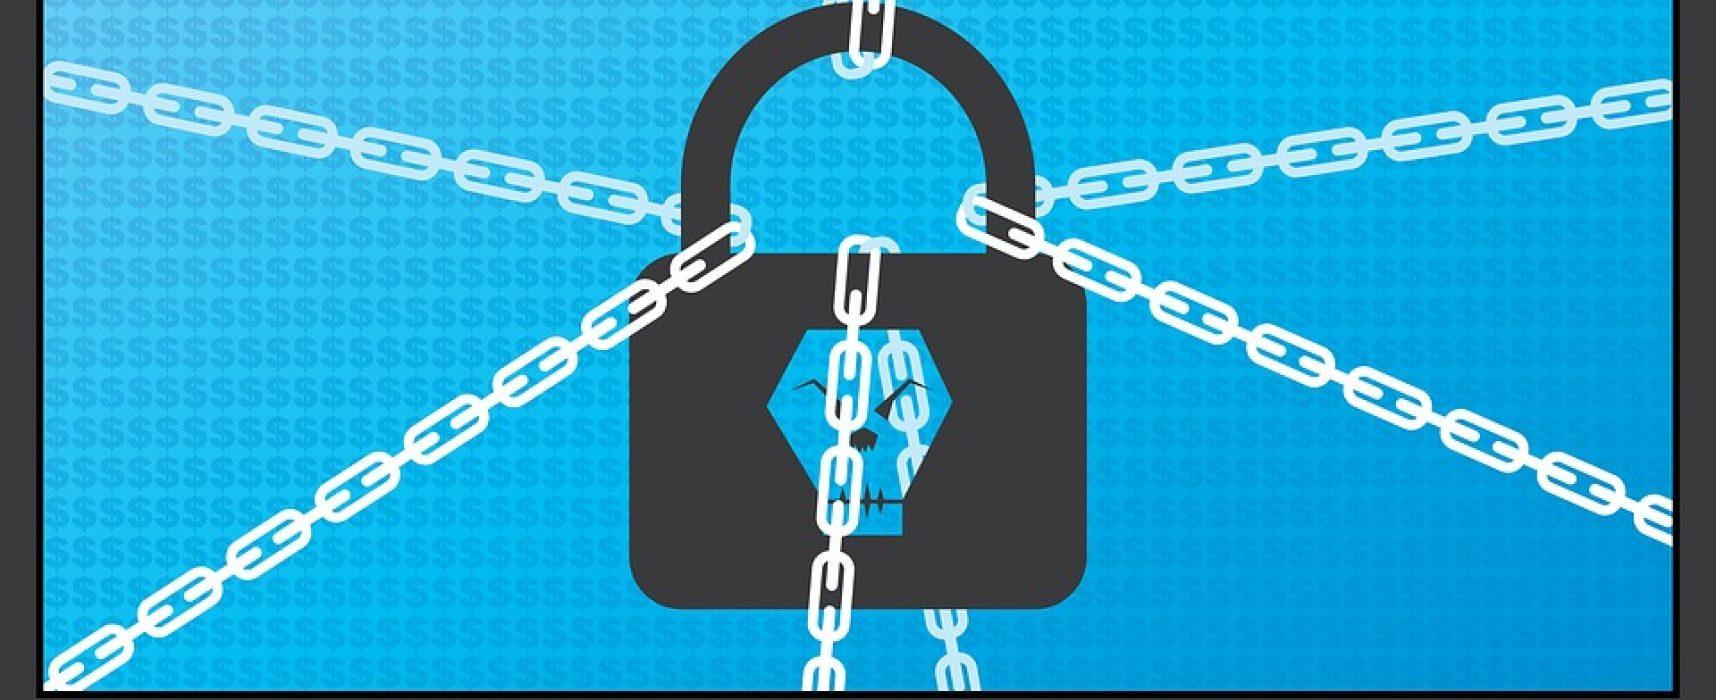 О кибербезопасности должны заботиться государственные структуры